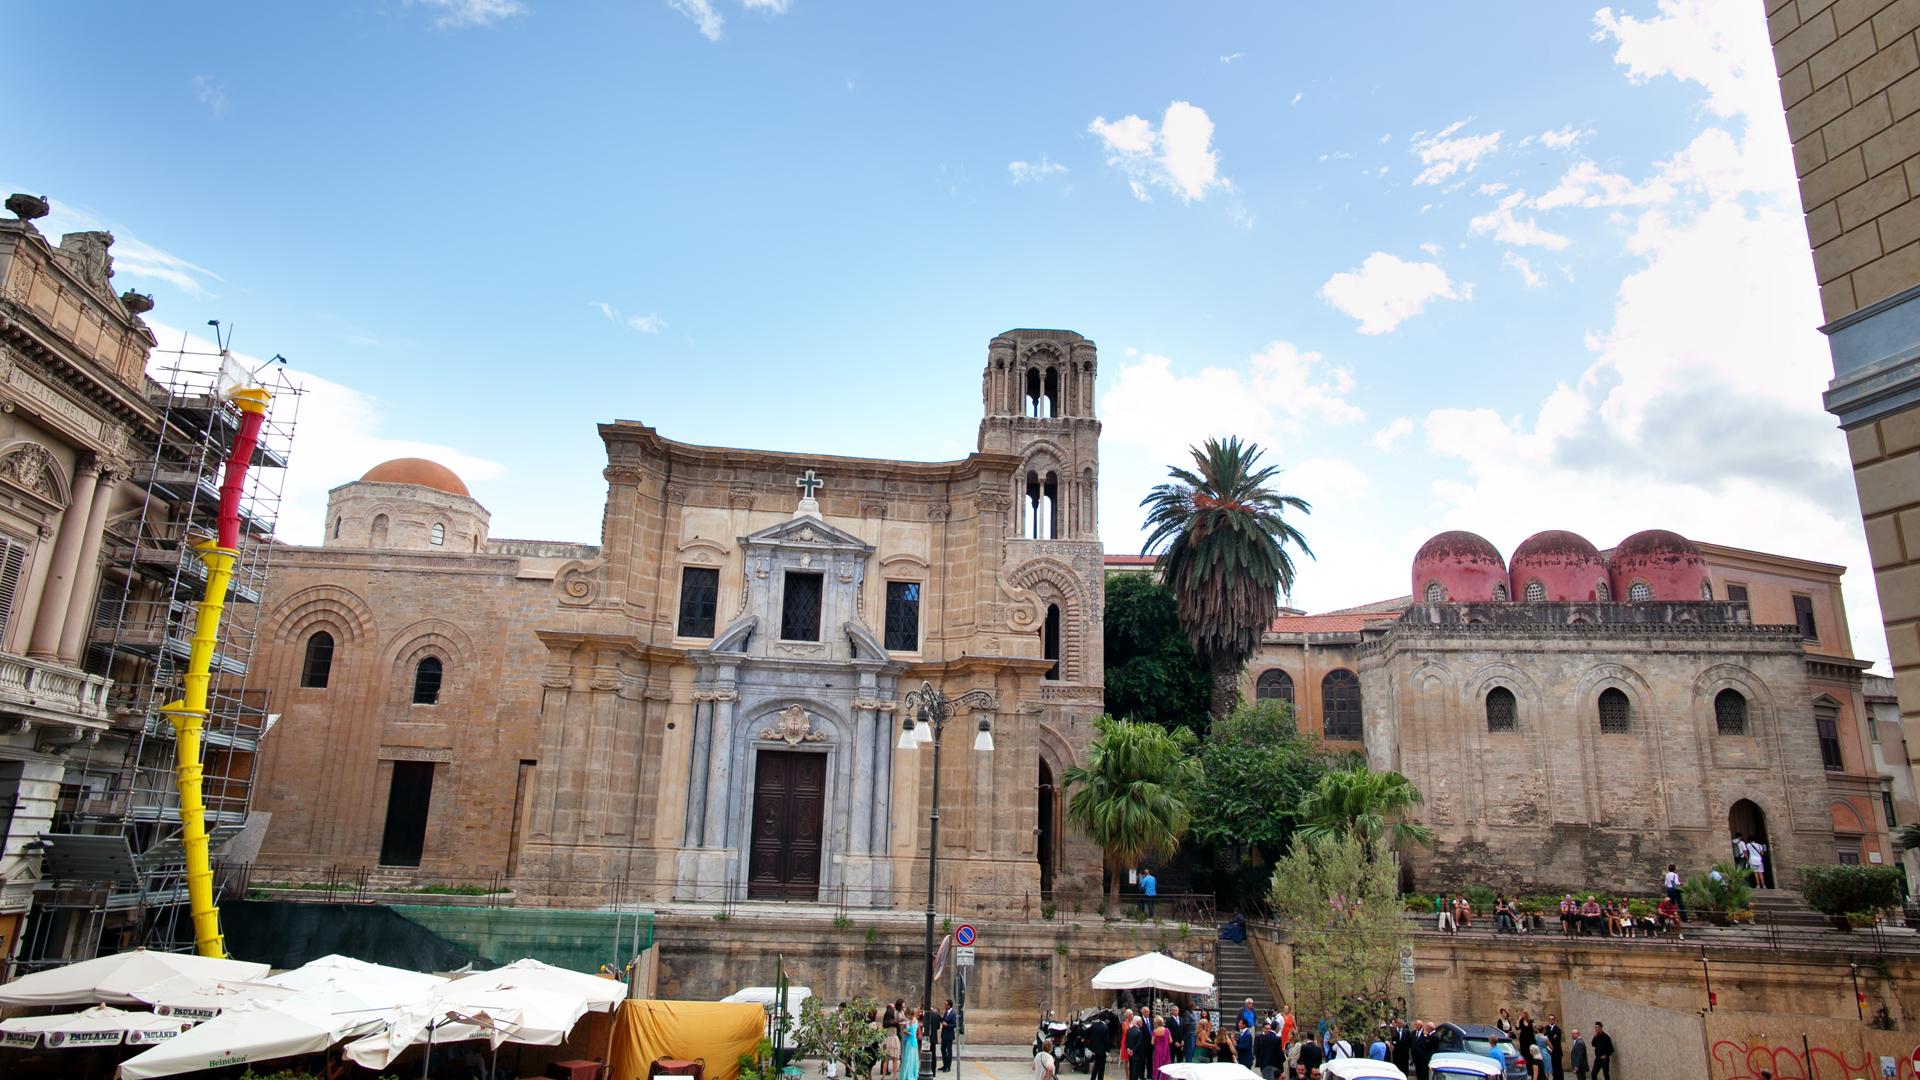 Matrimonio Natalizio Palermo : Matrimonio stile reportage a palermo cappella palatina